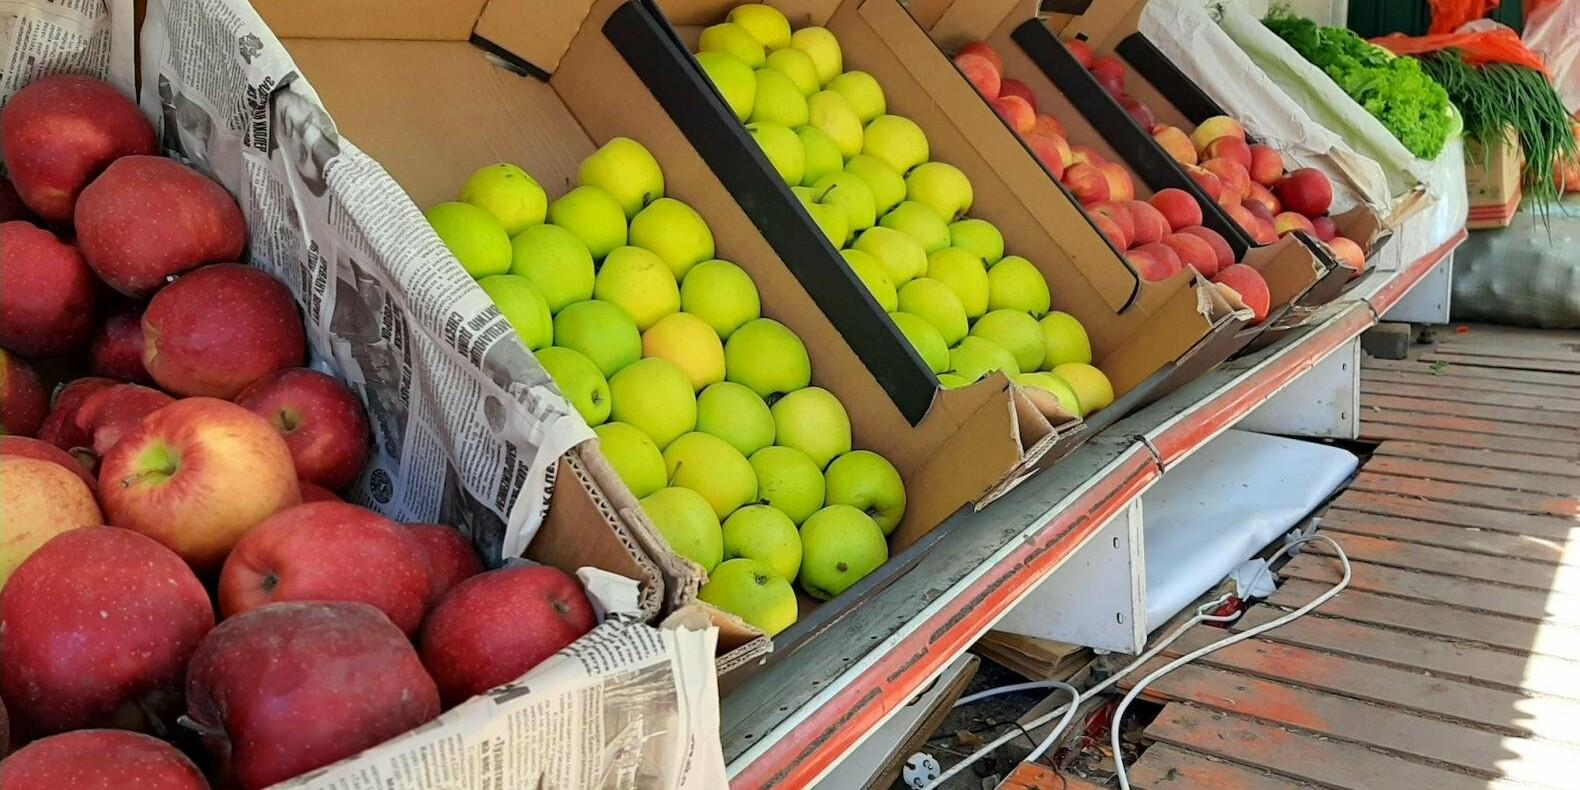 Цены на социально значимые продукты в Алматы с начала года выросли на 6%